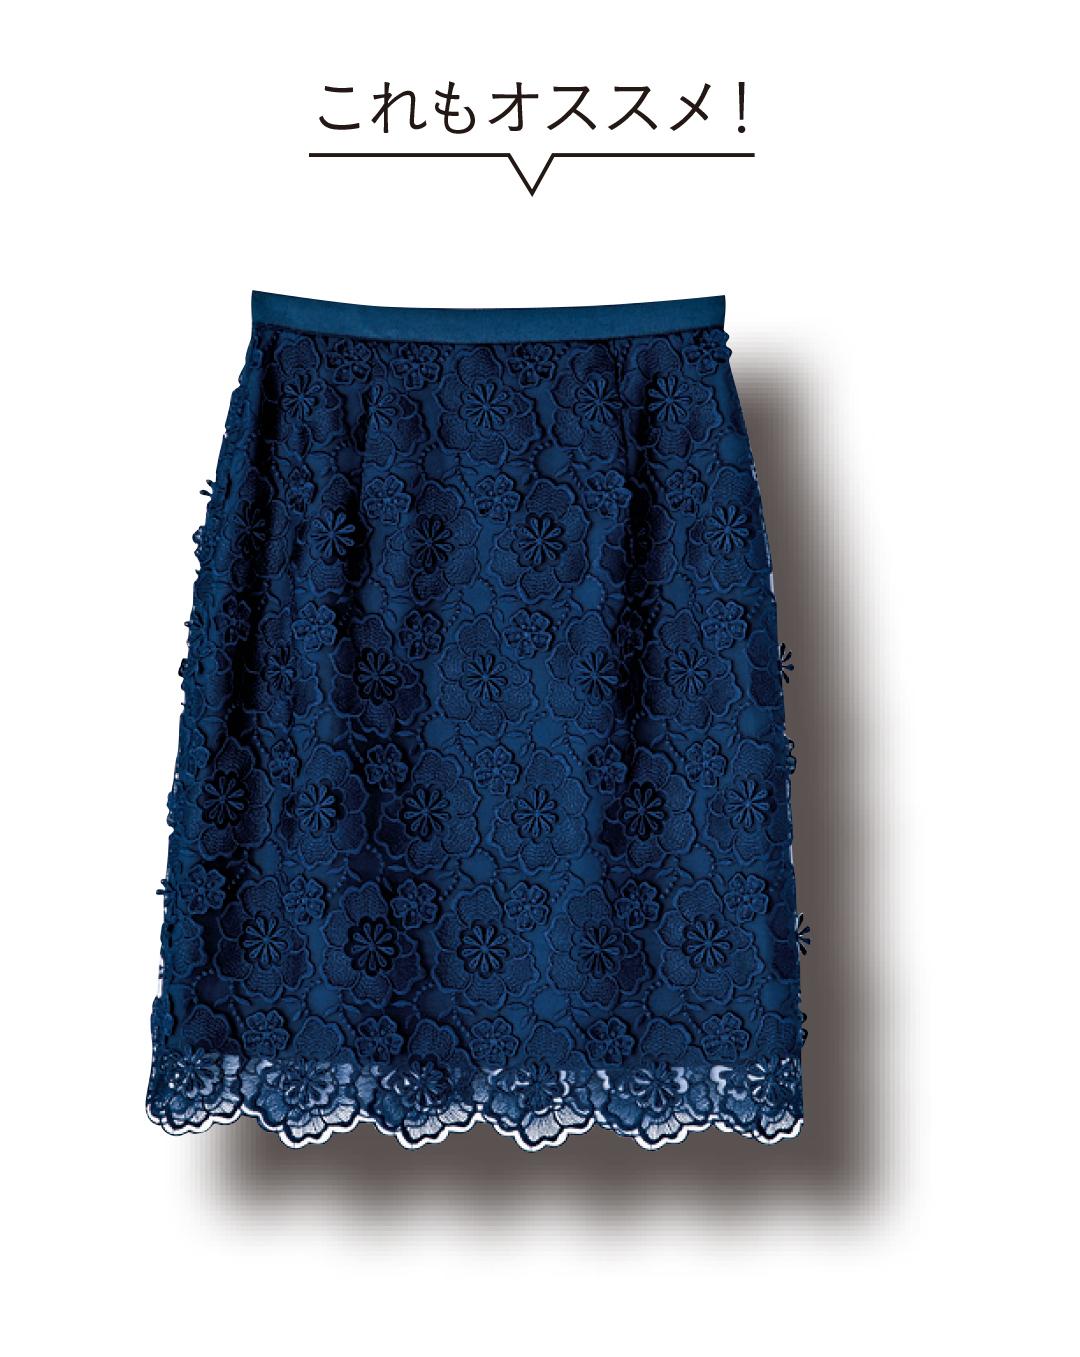 きれいめ派の花柄スカートオフィスコーデ着回し☆3月の即買いおすすめカタログつき!_1_3-5